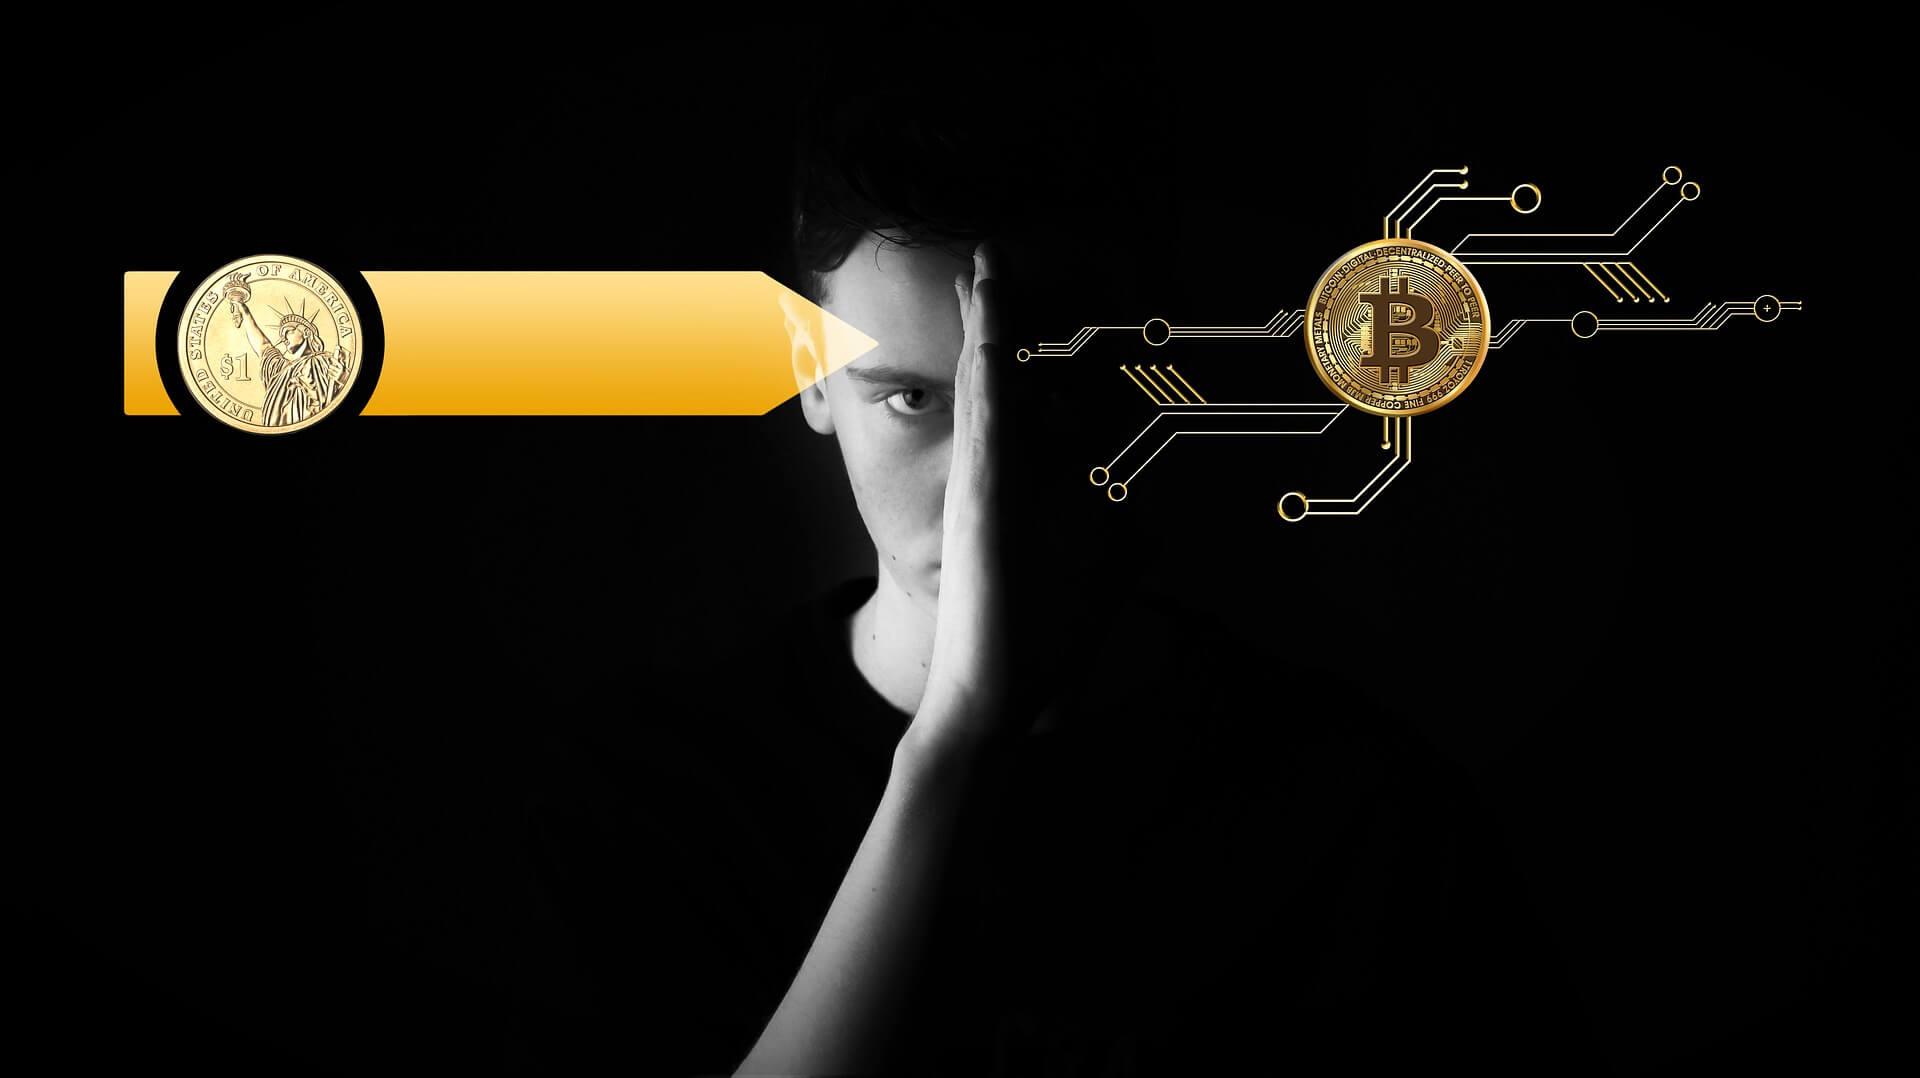 Crypto Bitcoin in China